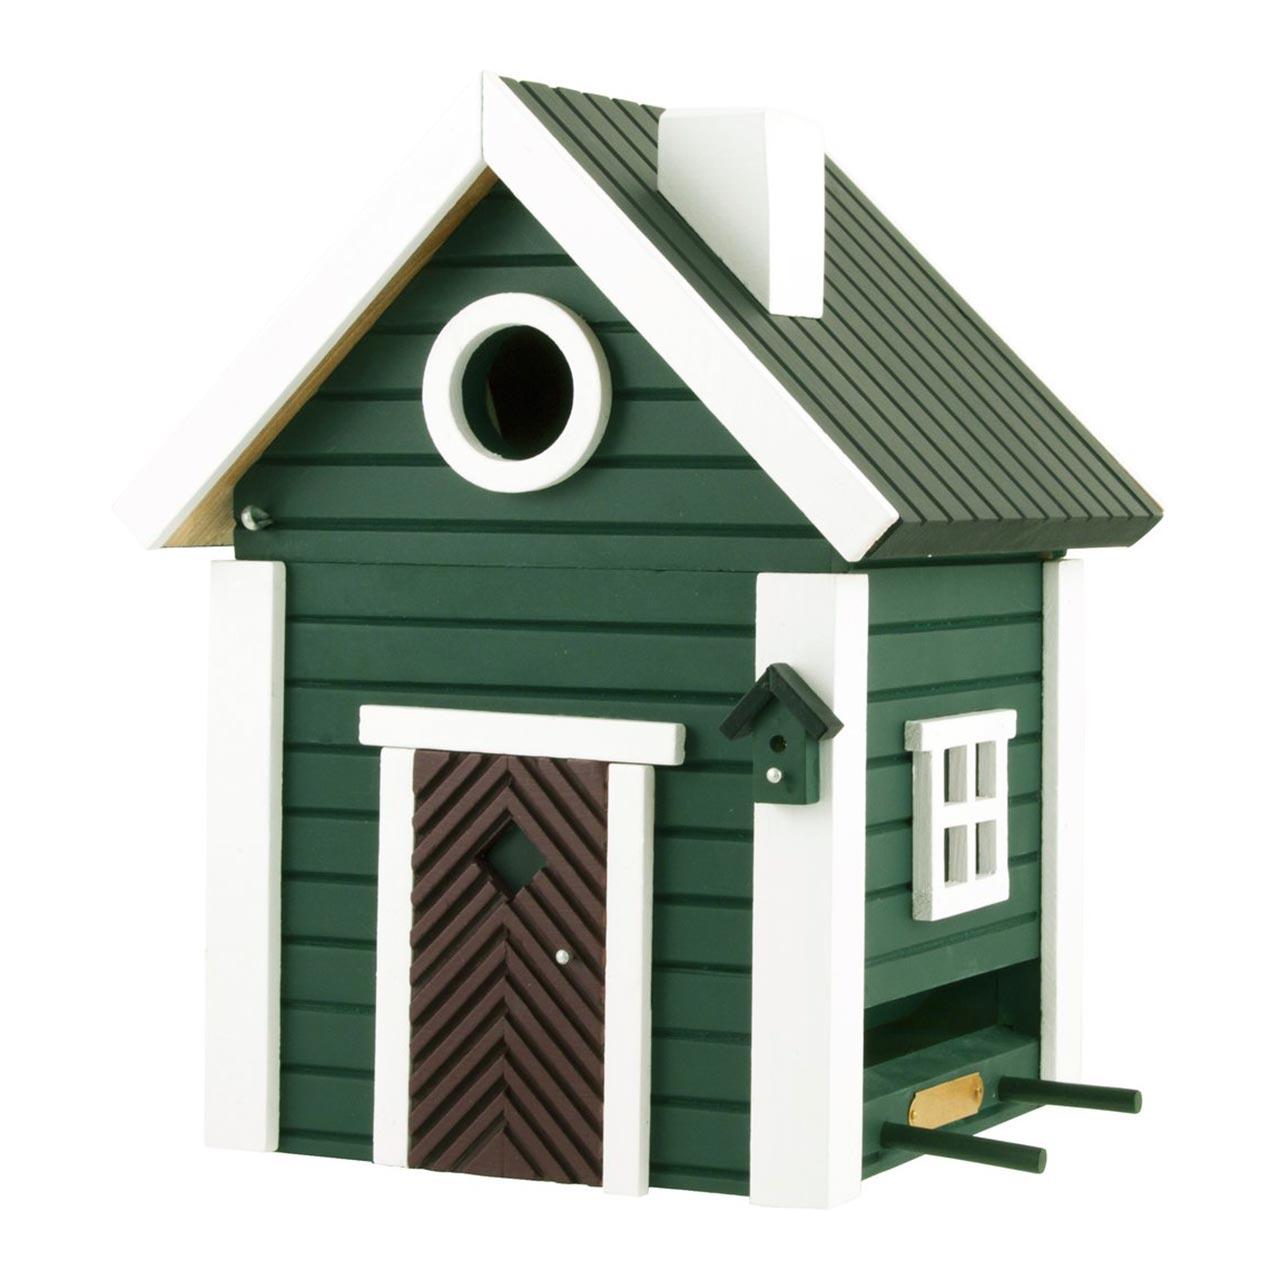 WILDLIFE GARDEN Bird Feeder & Nesting Box Green Cottage   the design gift shop